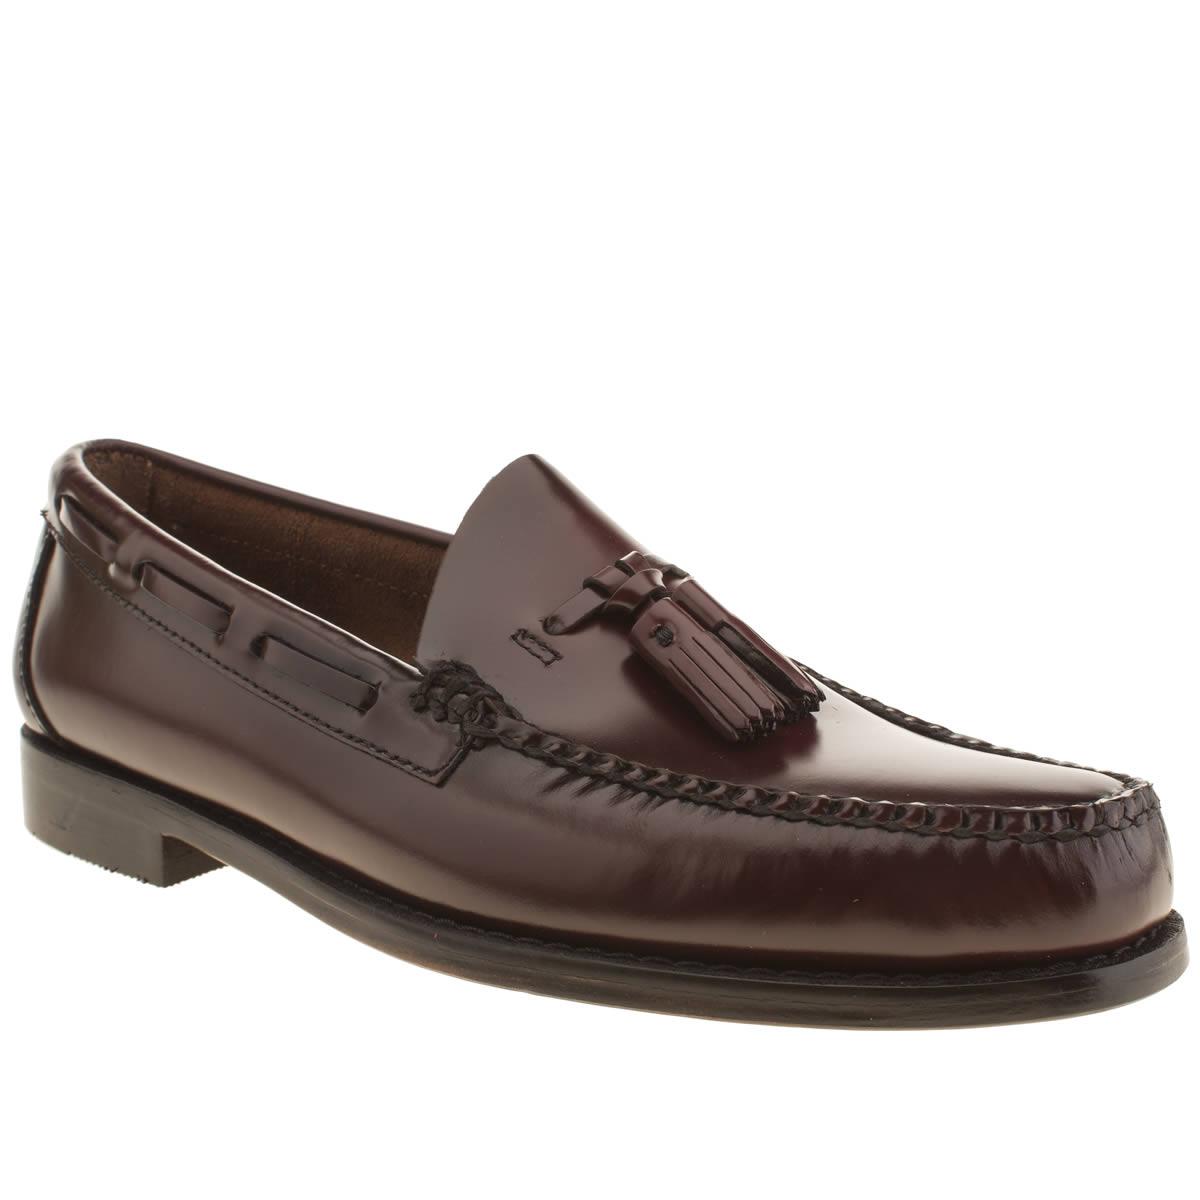 bass burgundy larkin moccasin tassel shoes